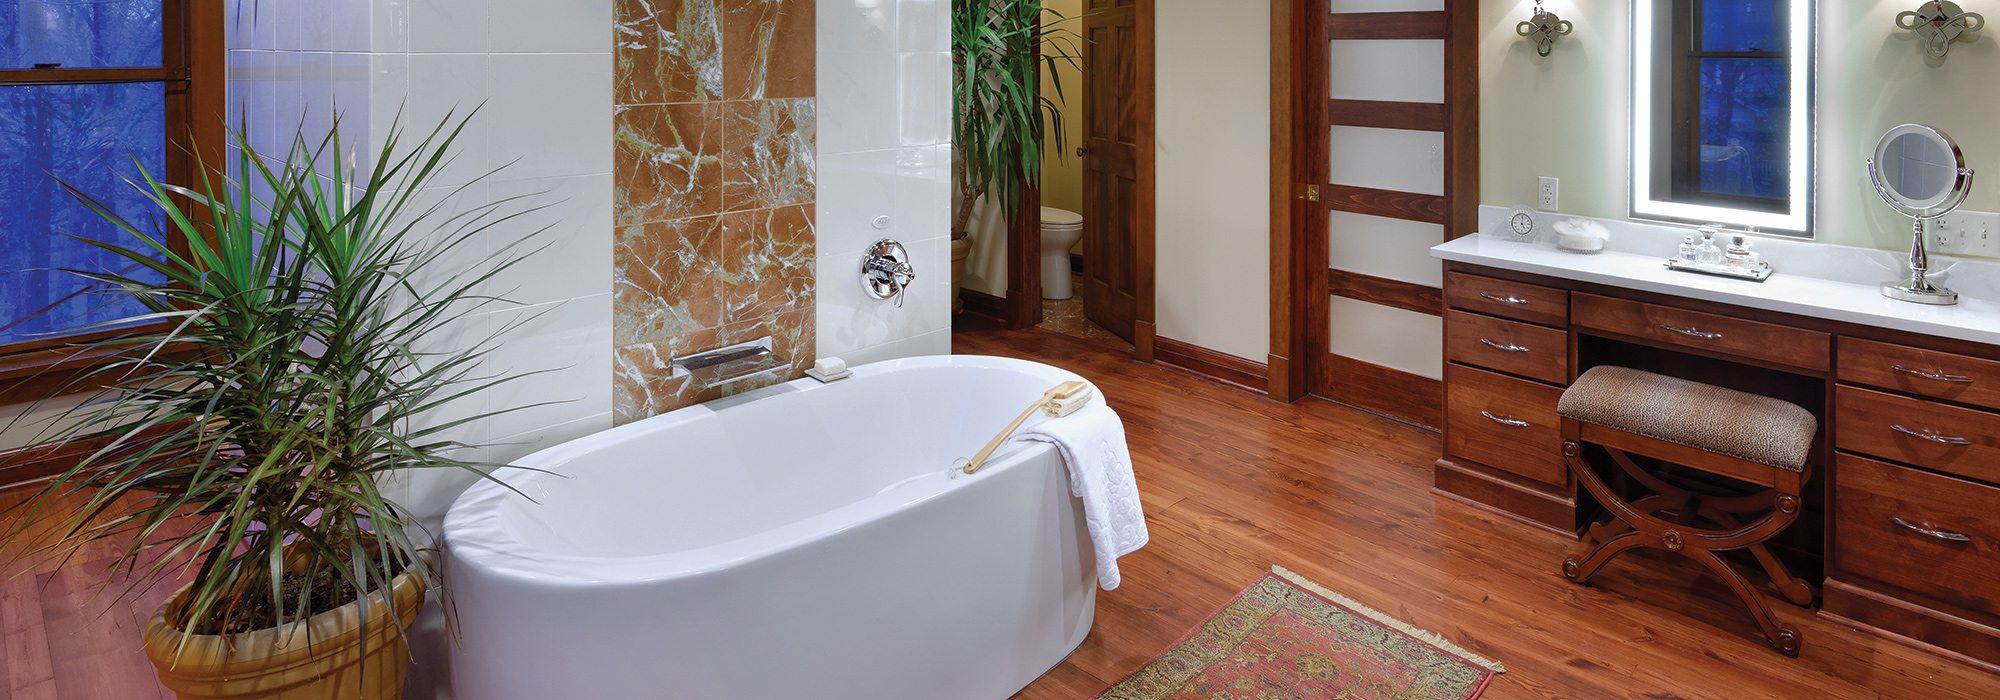 417 Home Design Awards 2015 - Bathroom Winner